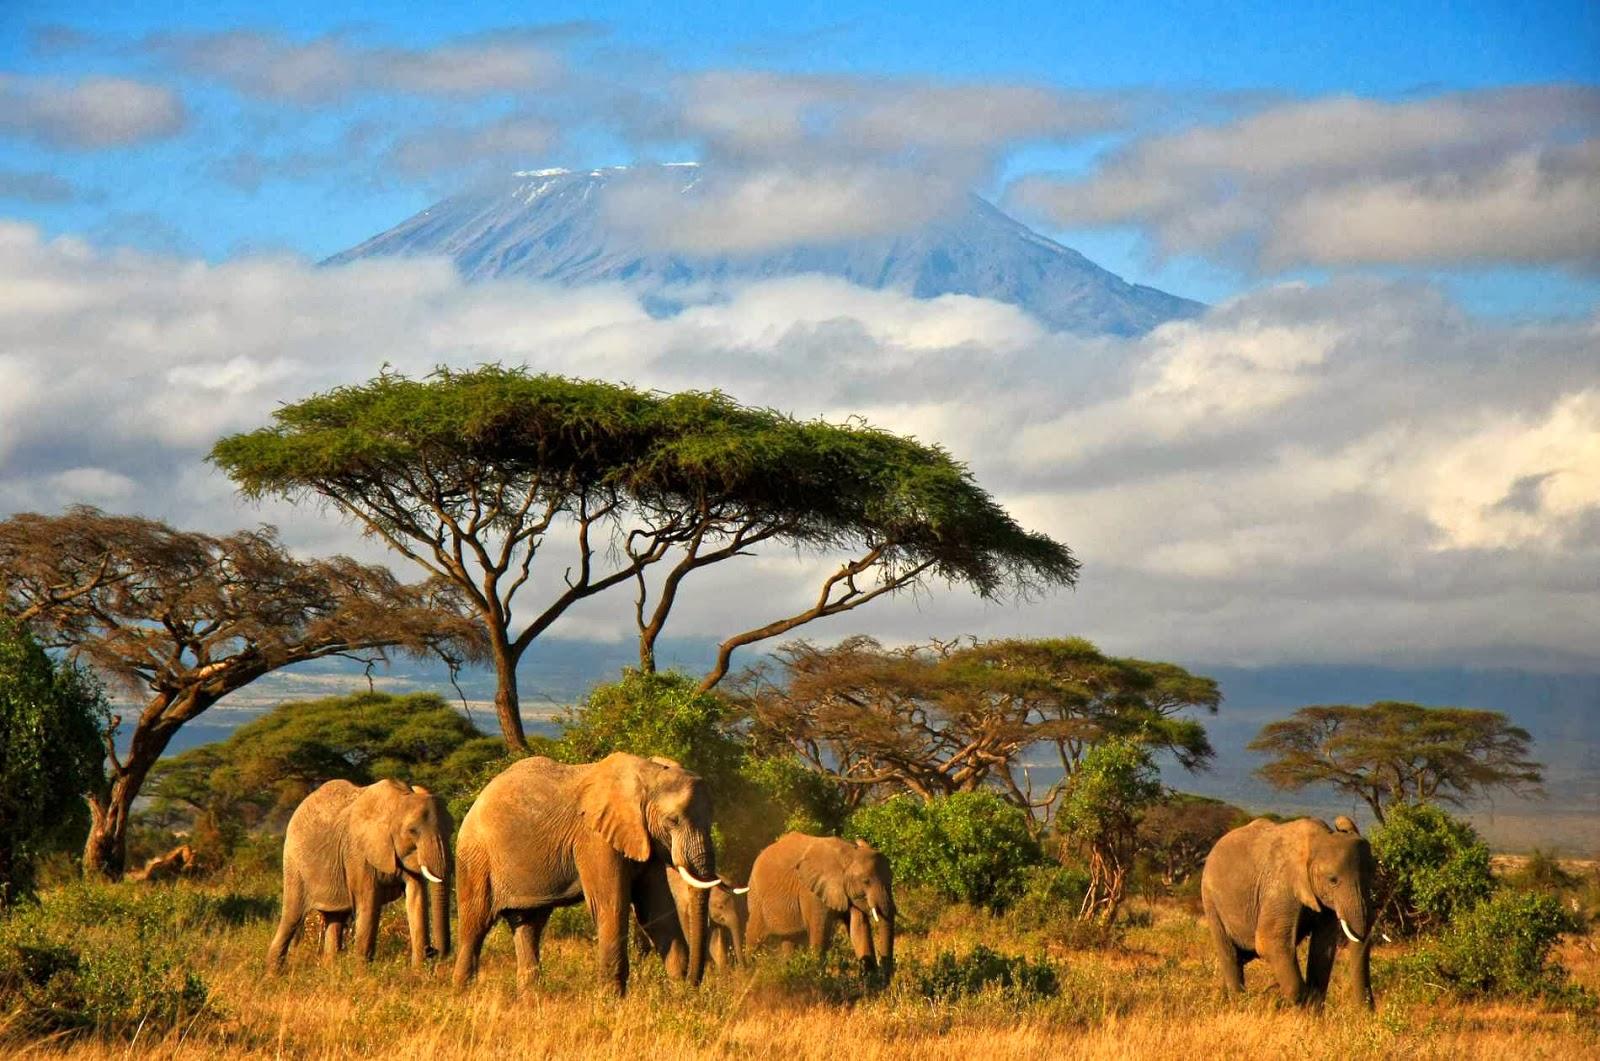 Tanzania Cover Photo